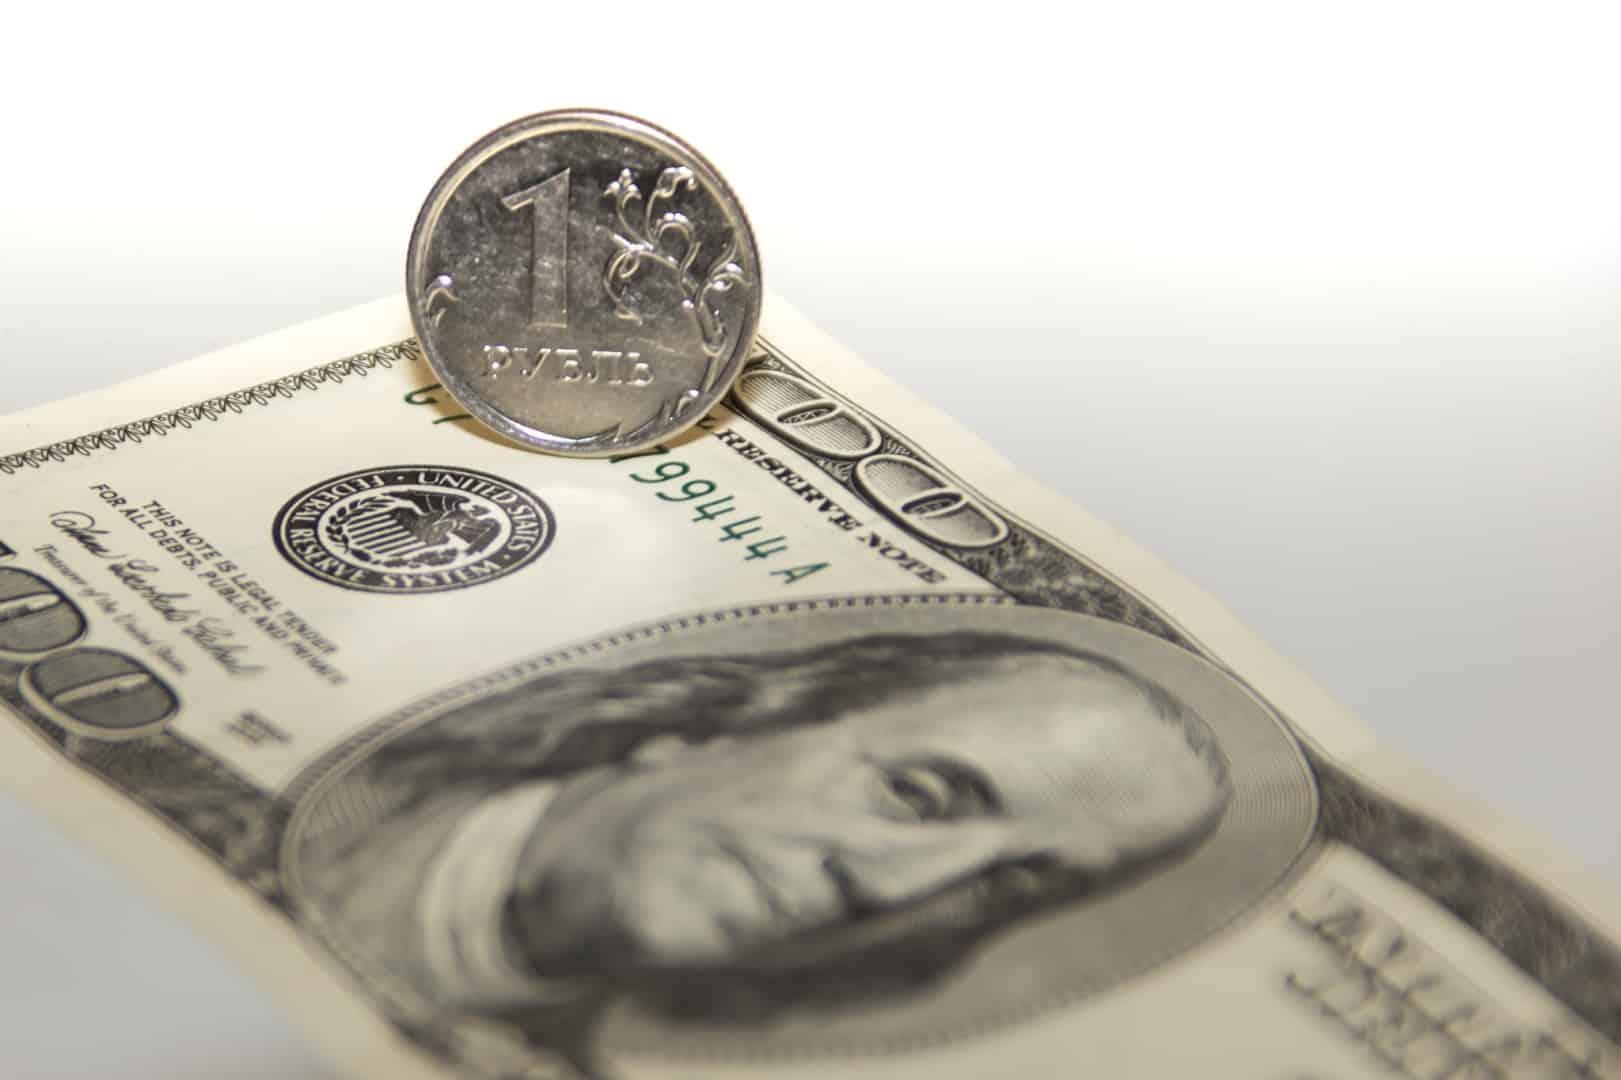 Прогноз курса доллара на 16-20 декабря 2019: как поведет себя рубль